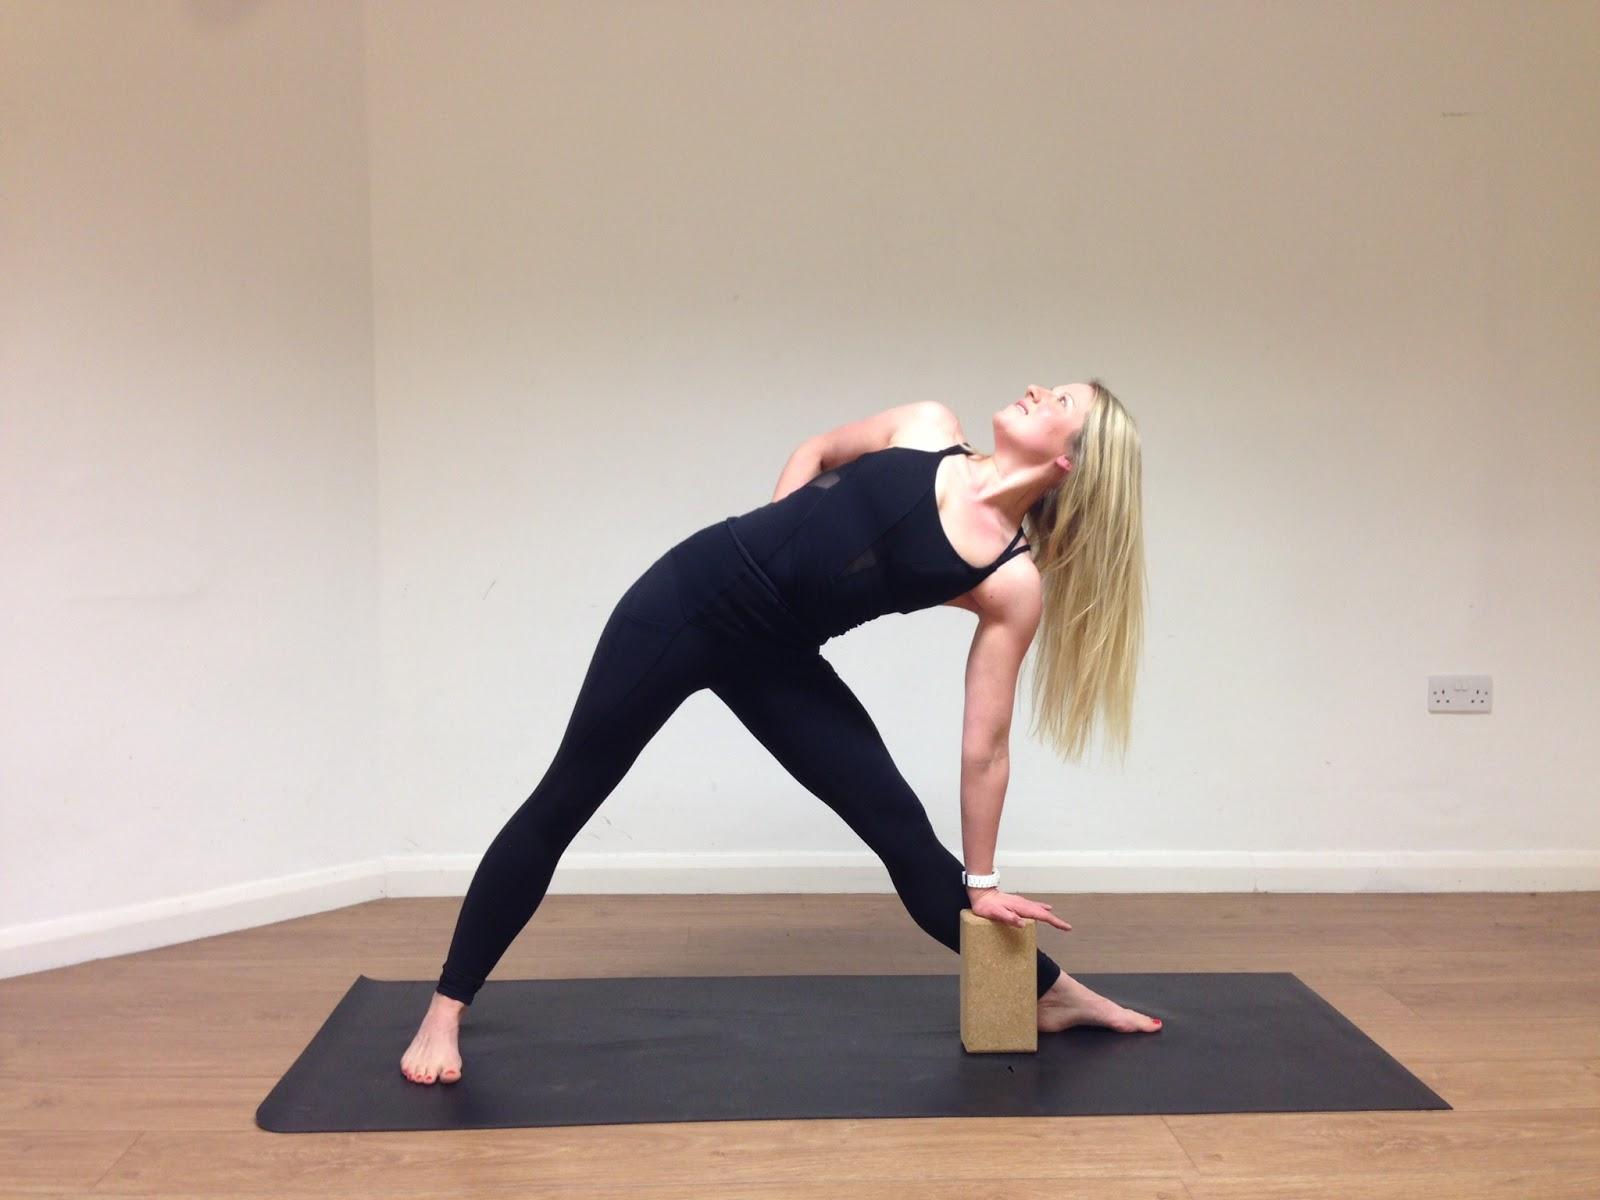 Triangle Pose (Trikonasana) | 6 Yoga Poses For Runners